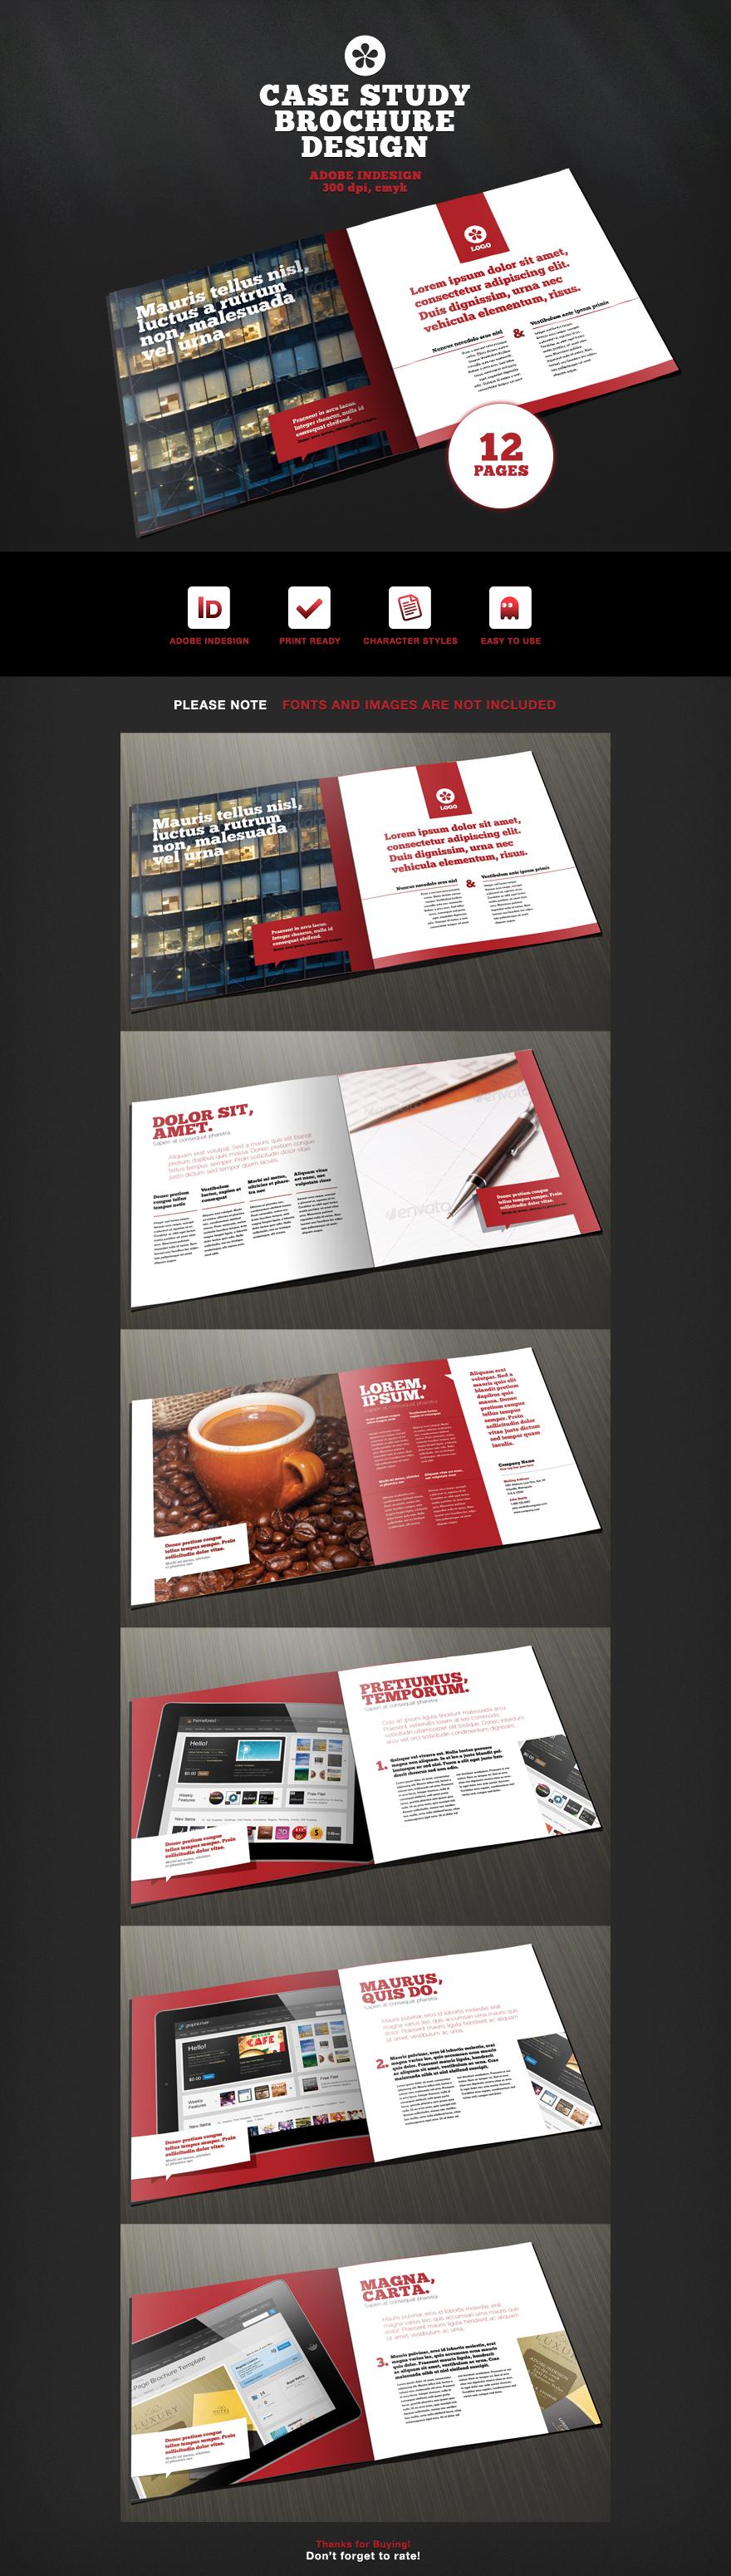 12 Page Case Study Brochure Design - Brochures - Creattica